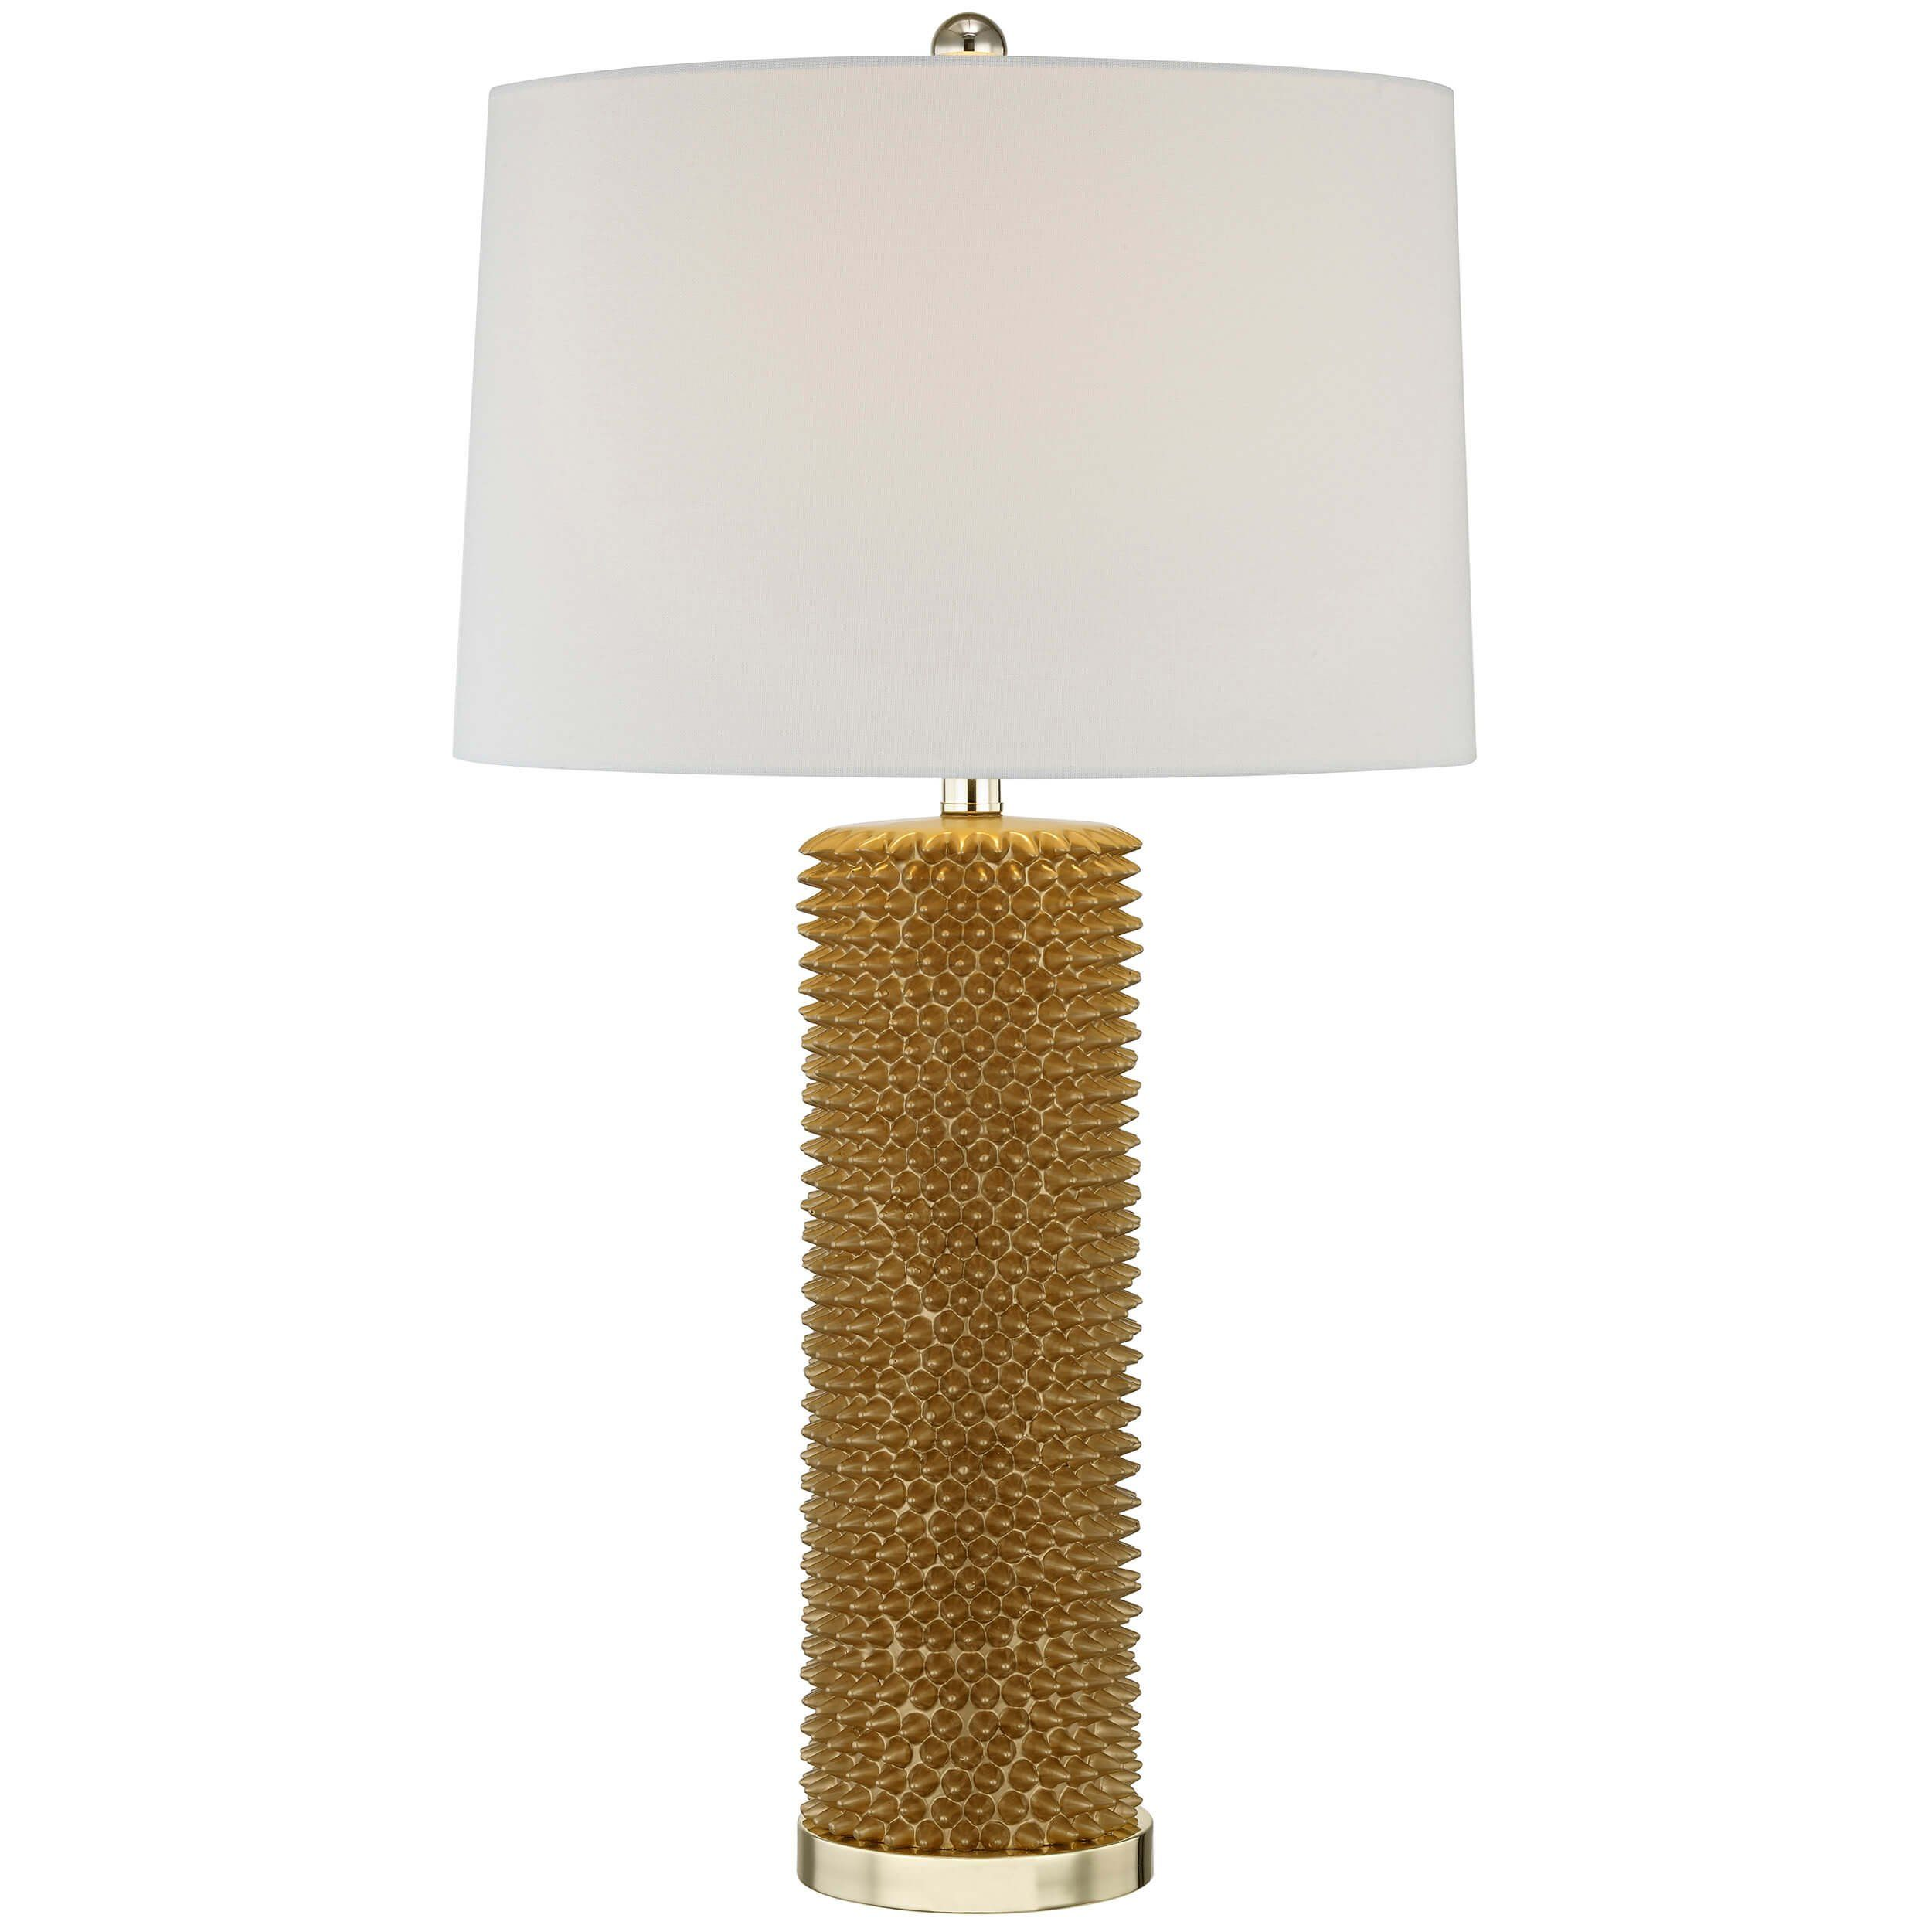 Spiked Table Lamp Gold Table Lamp Lamp Table Lamp Wood